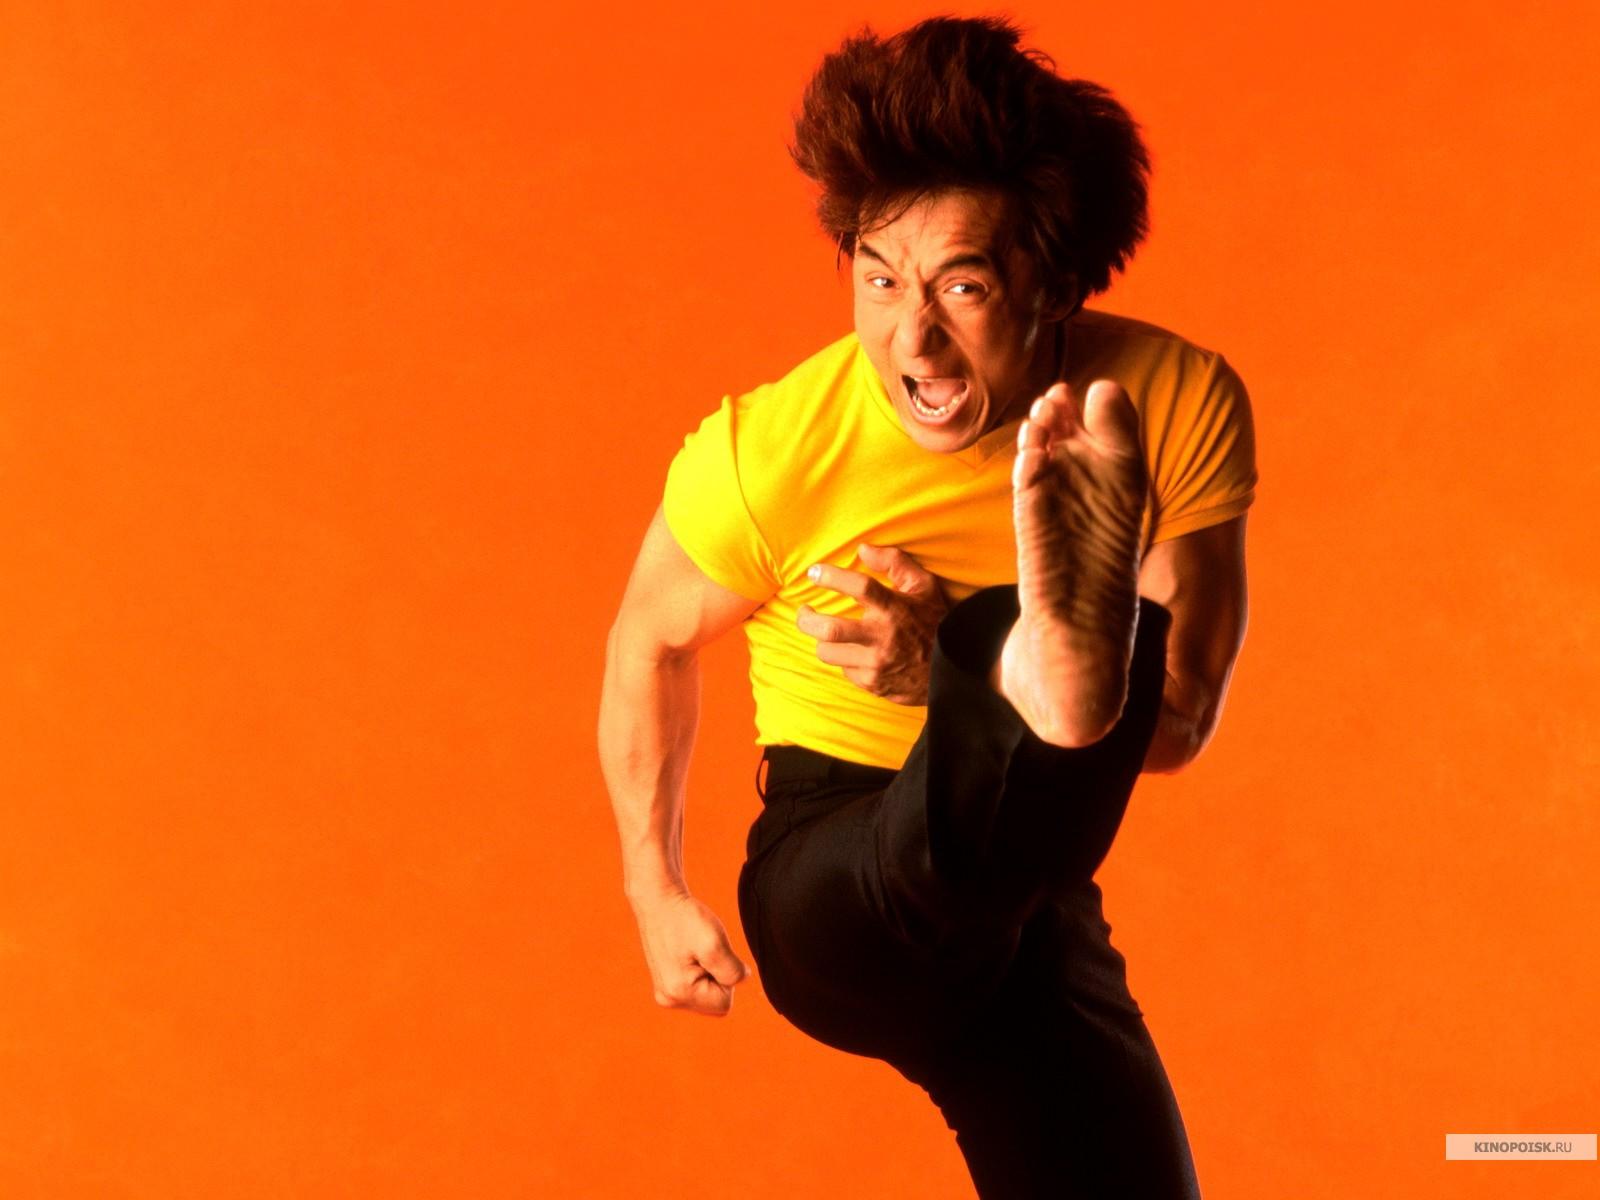 Photo Jackie Chan Celebrities 1600x1200